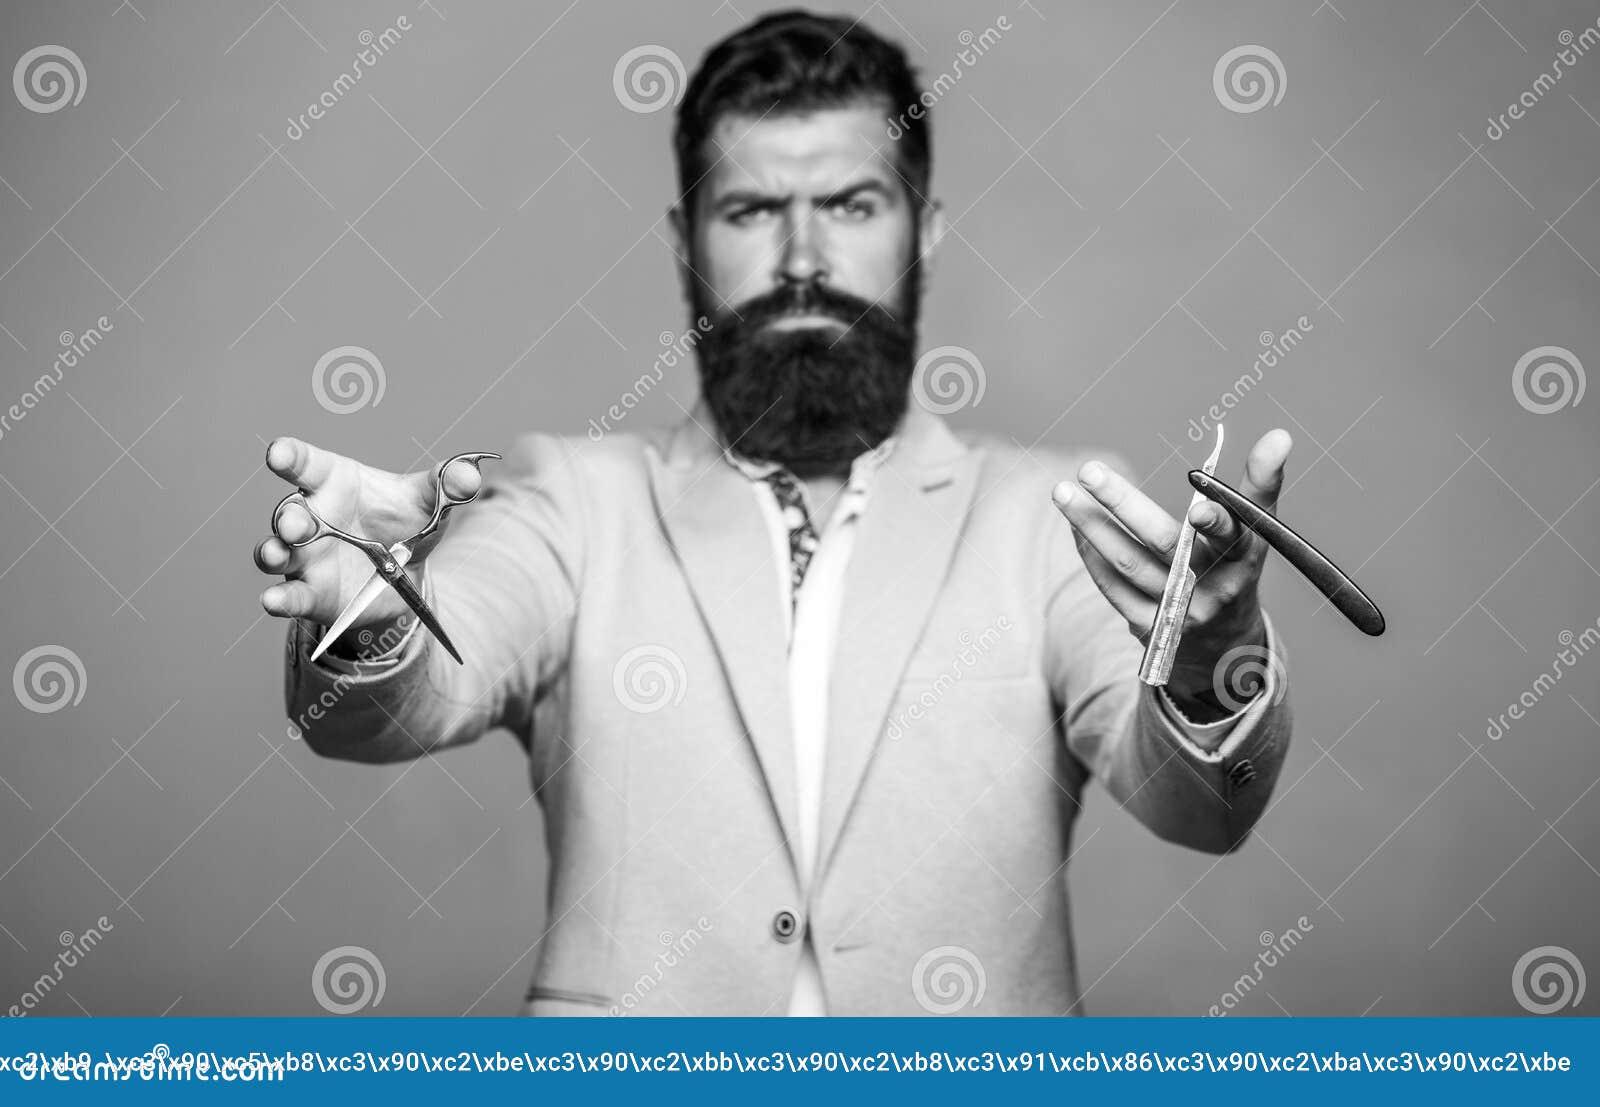 Barberaresaxen och den raka rakkniven, barberare shoppar Man i frisersalong M?ns frisyr i barberare shoppar M?ns frisyr som rakar